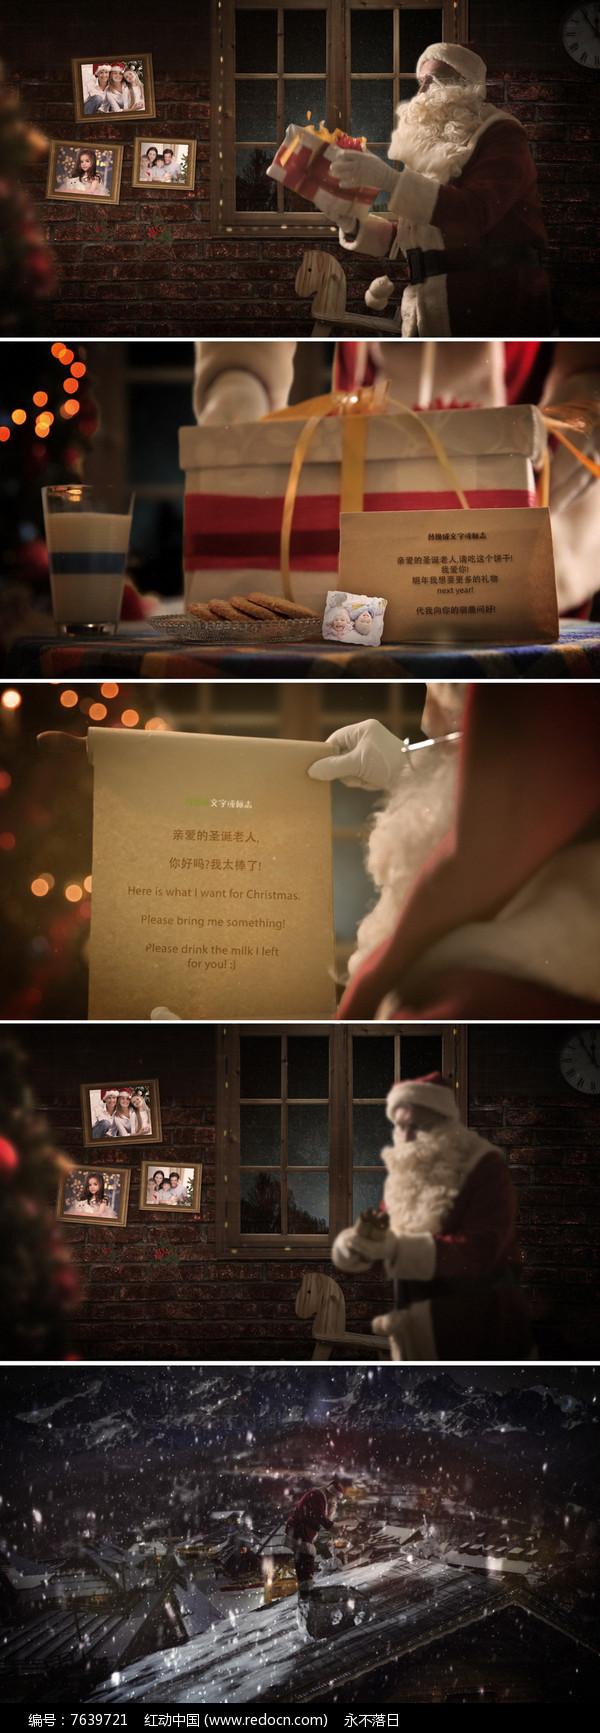 新年平安夜圣诞老人送礼视频模板图片